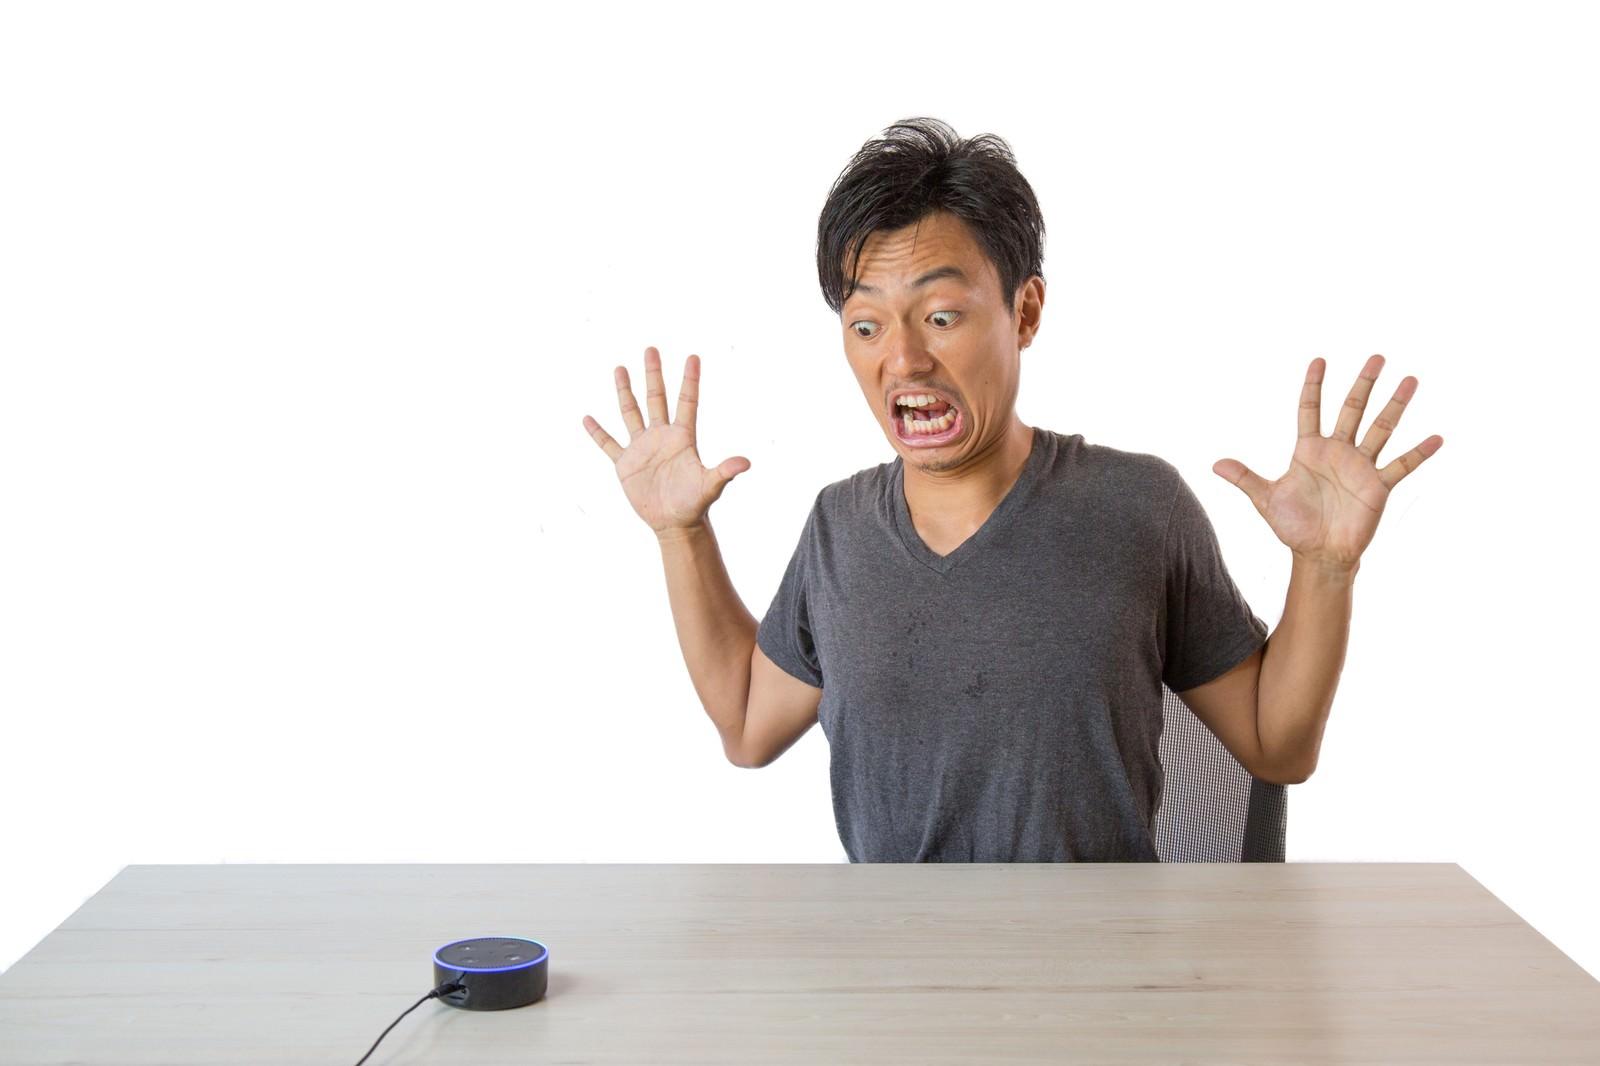 「スマートスピーカーのまさかの反応に驚く男性」の写真